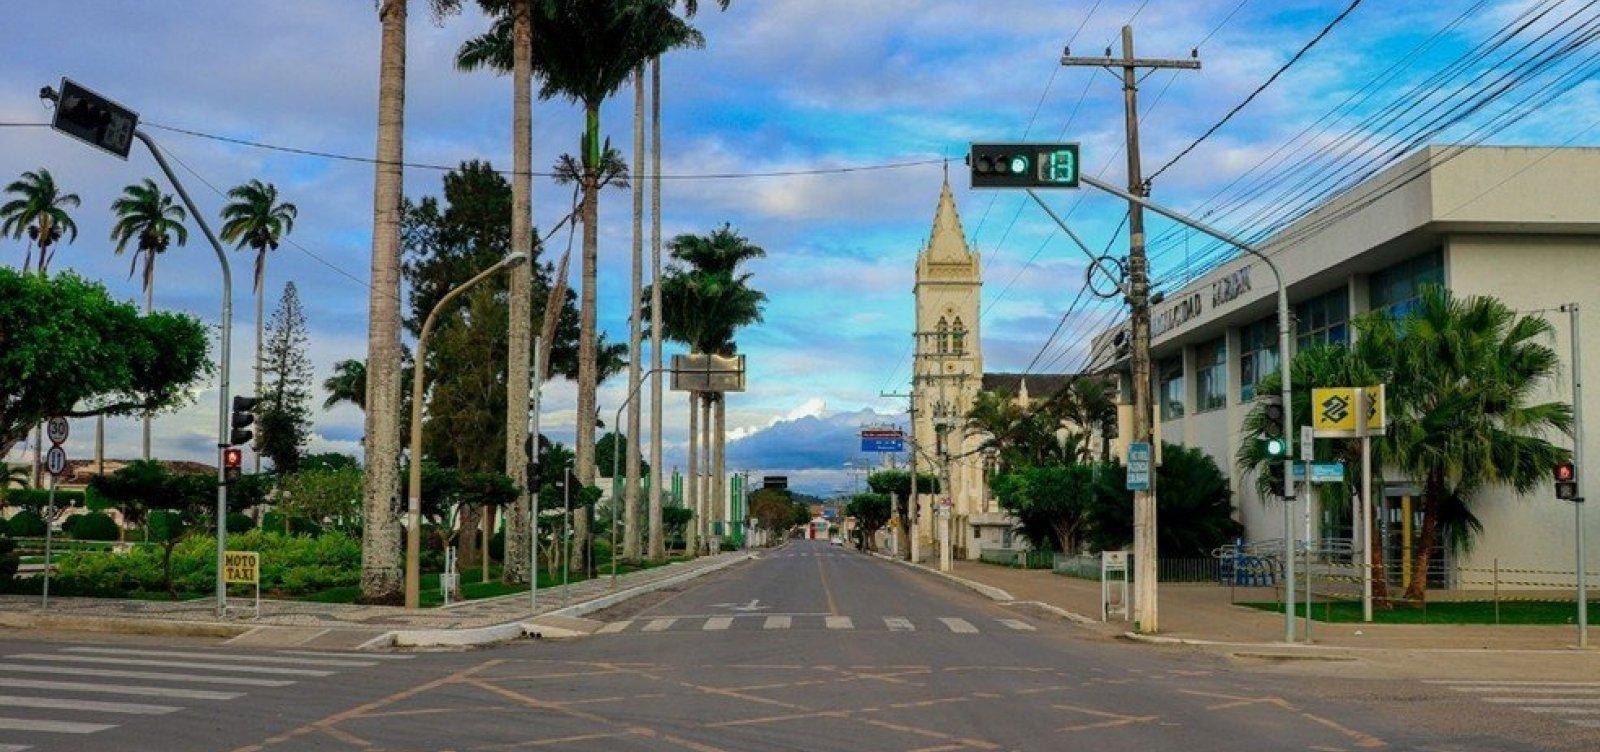 Novo tremor de terra é registrado no interior da Bahia